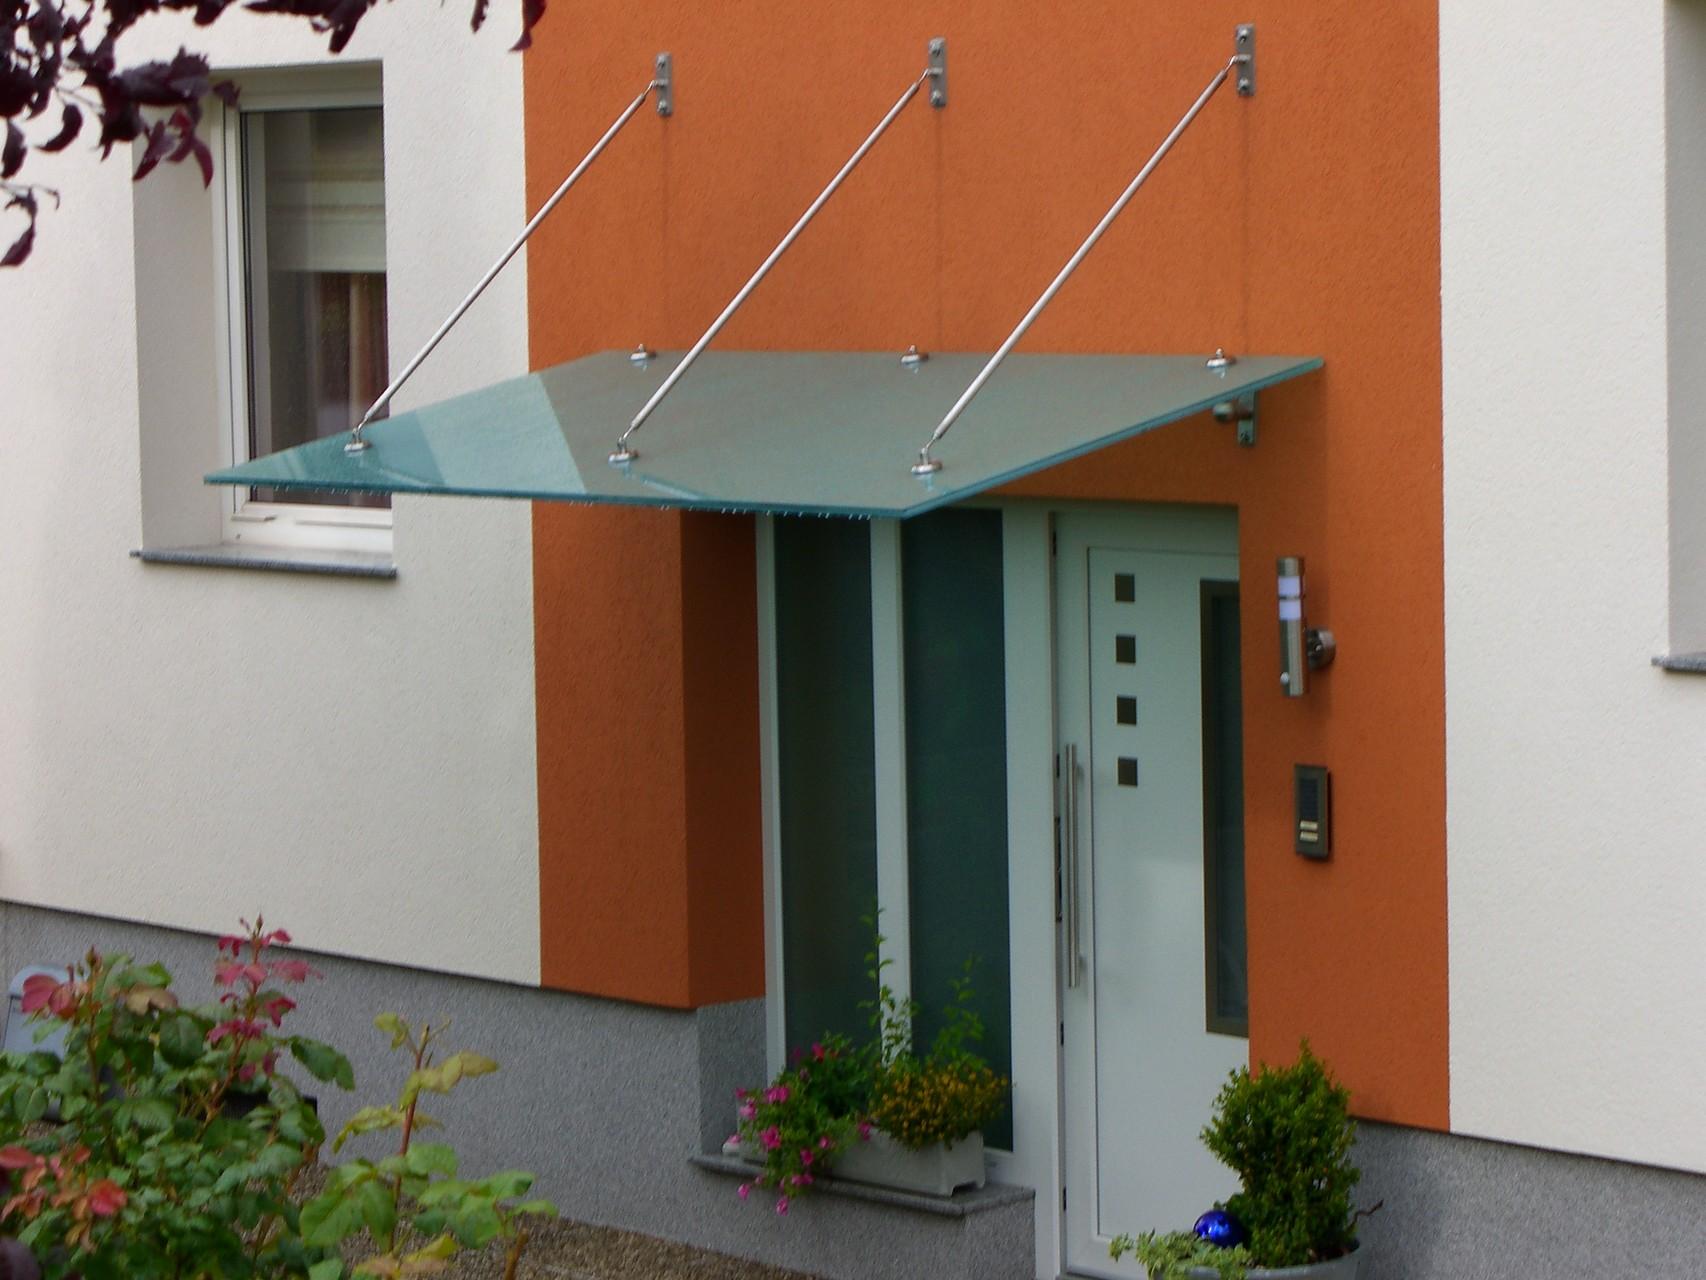 Beeindruckend Eingangsüberdachung Dekoration Von Regen- Oder Schneeabhilfe Schaffen Mit Der Eingangsüberdachung!